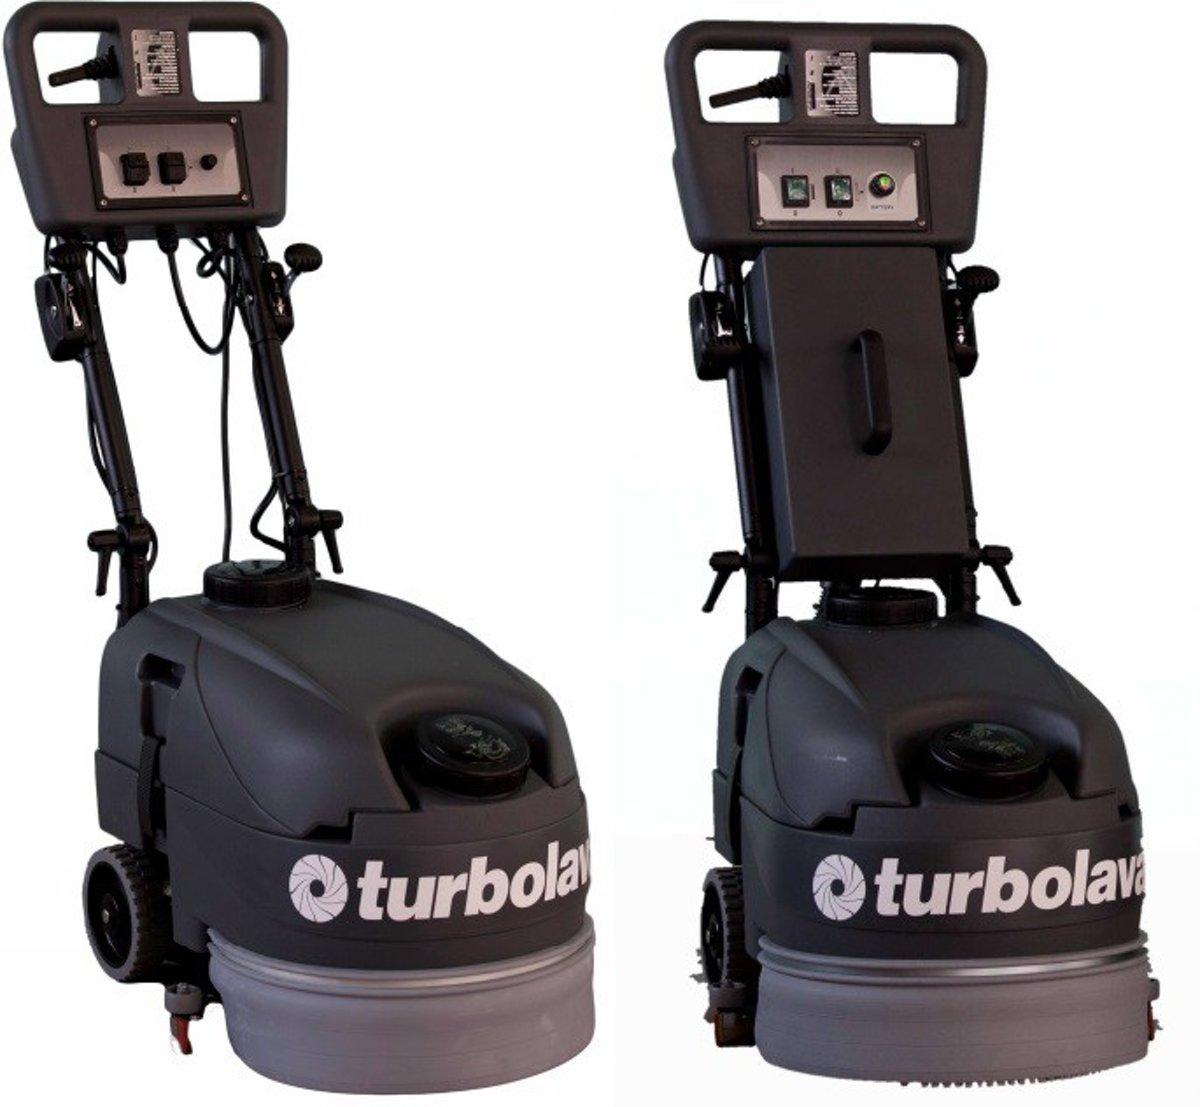 CIMEL Turbolava 350 vloerreinigingsmachine met kabel of batterij kopen